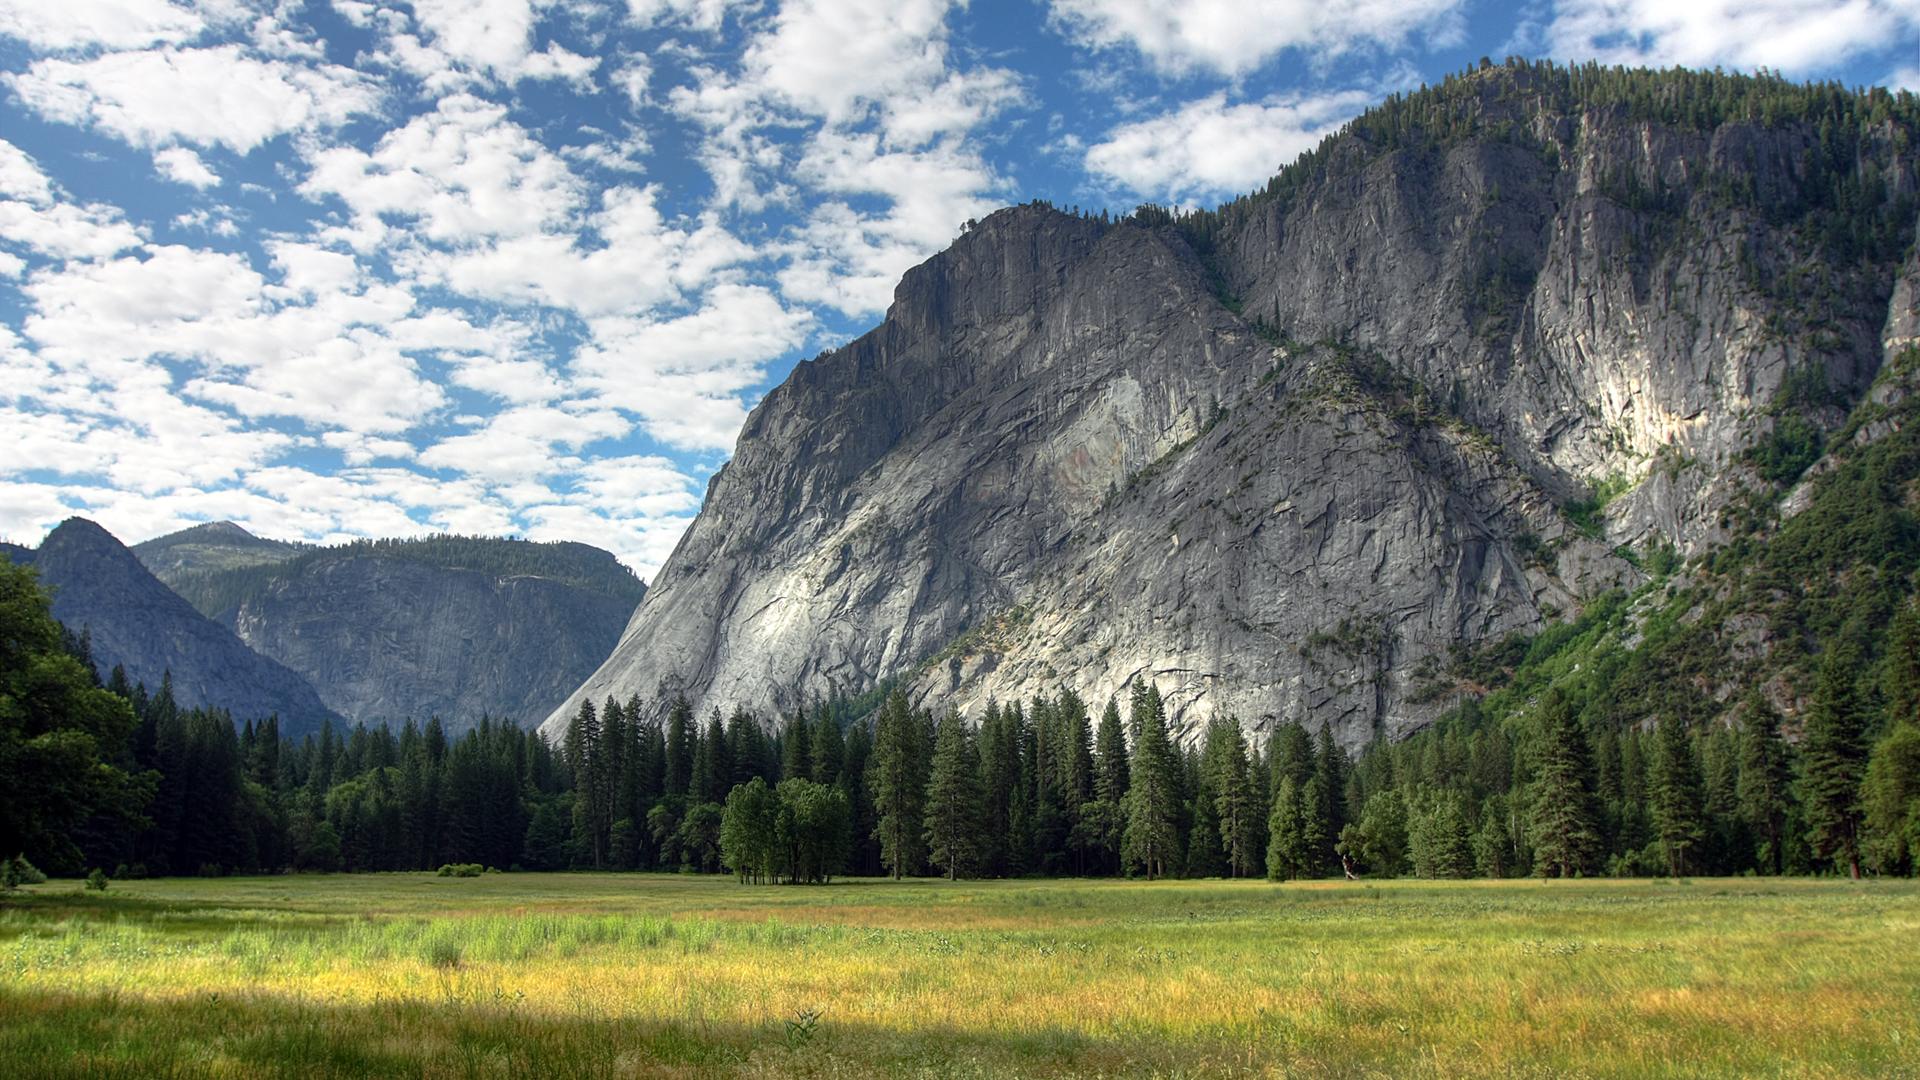 49886 télécharger le fond d'écran Paysage, Nature, Montagnes - économiseurs d'écran et images gratuitement